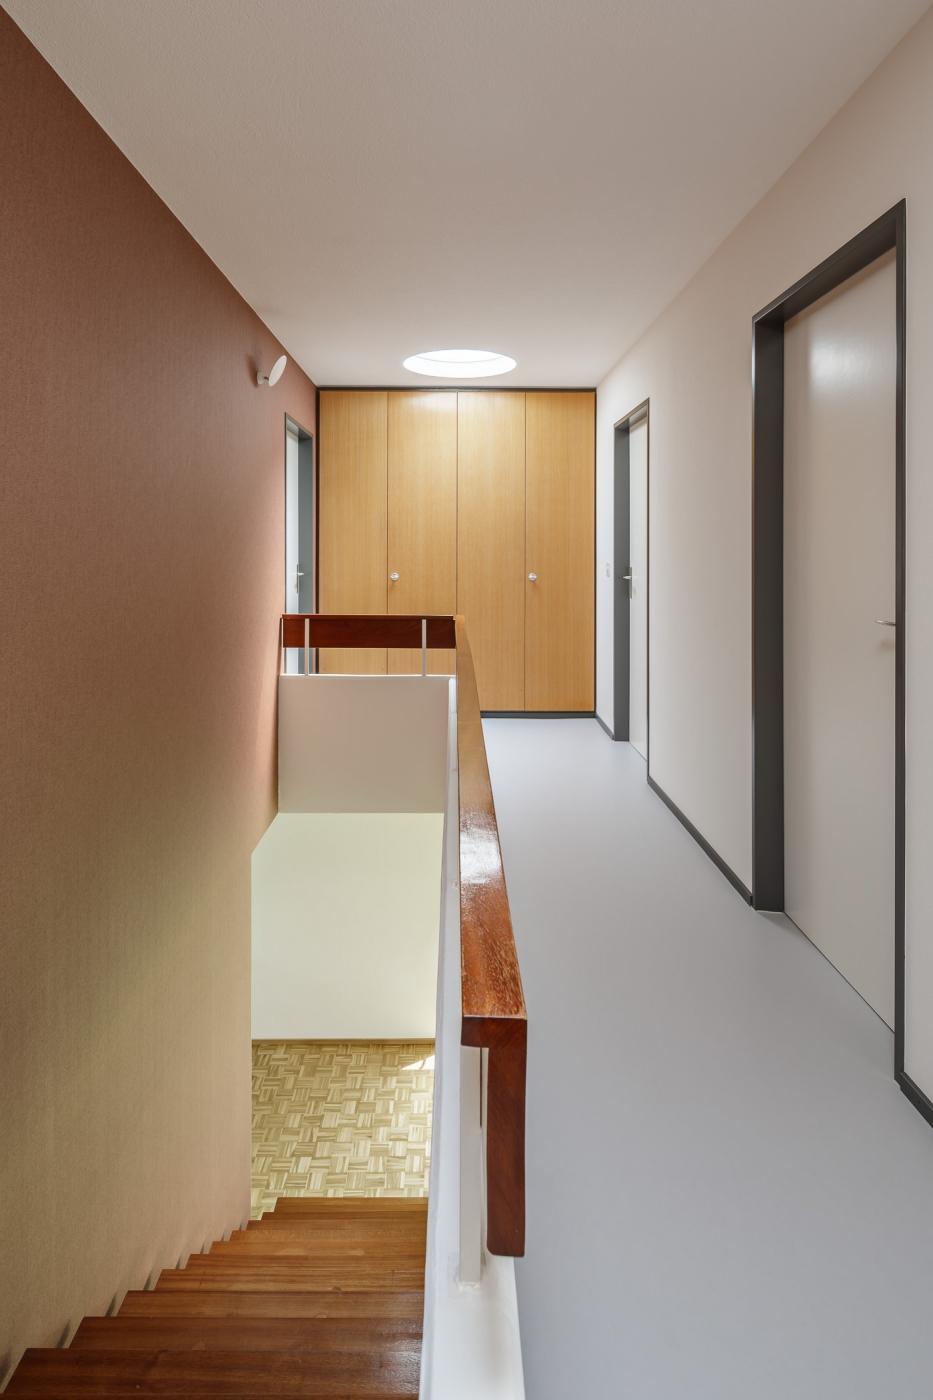 buan-architekten-umbau waldstrasse-luzern-foto-gang-1